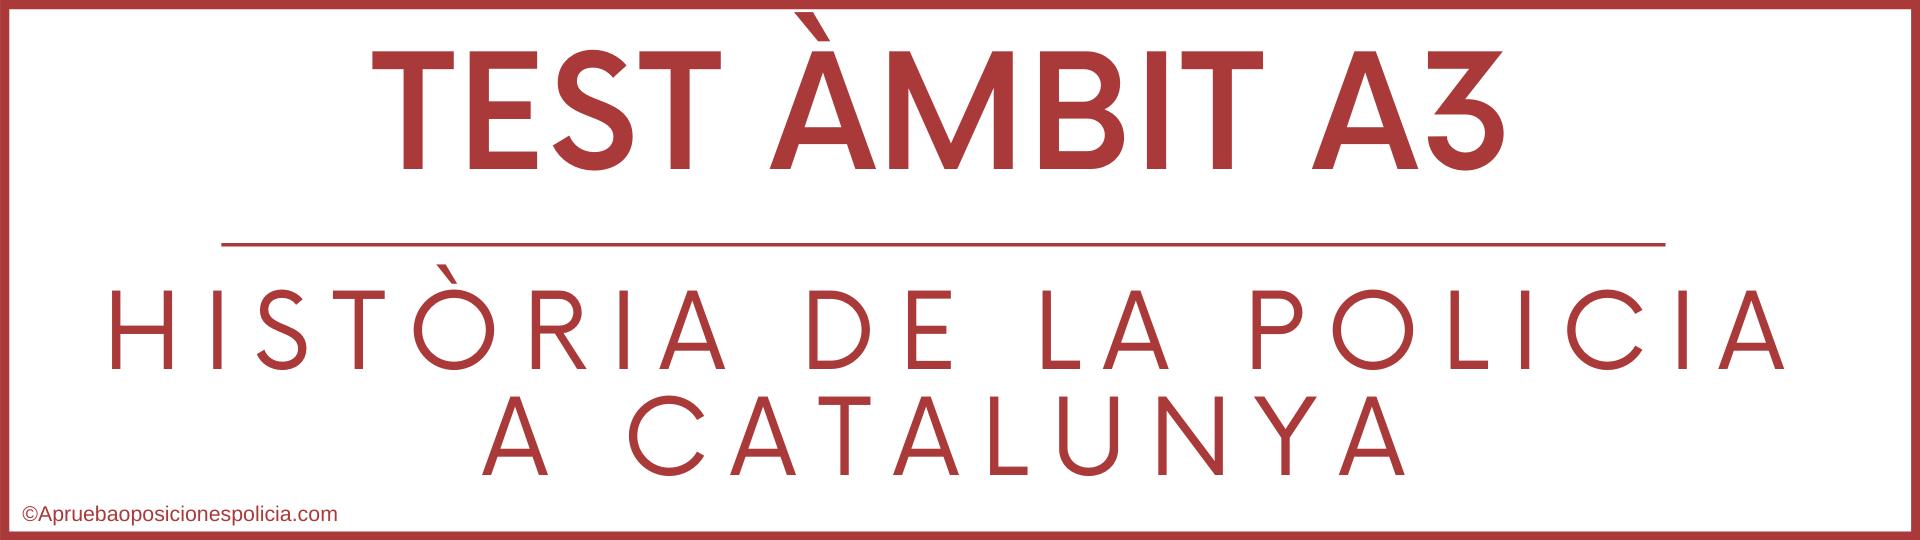 Test A3 Mossos Historia de la policia Catalunya